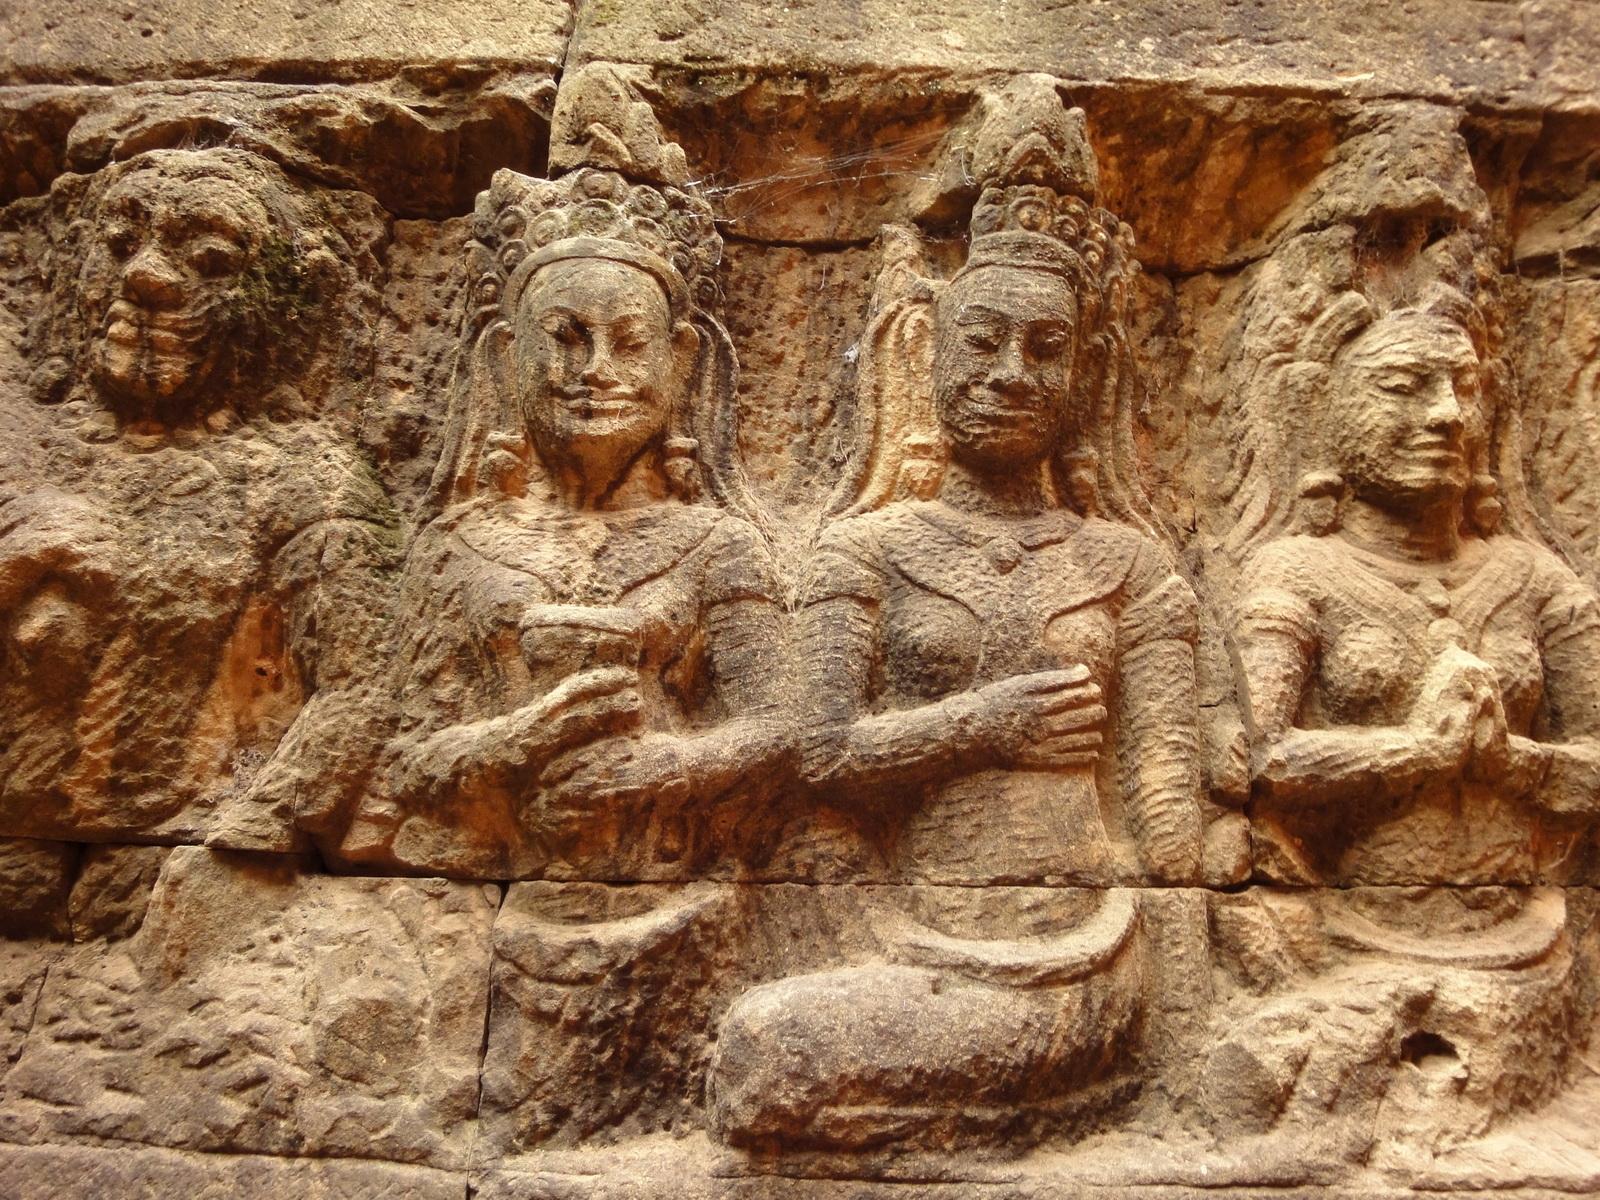 Leper King Terrace hidden wall underworld Nagas and deities 116